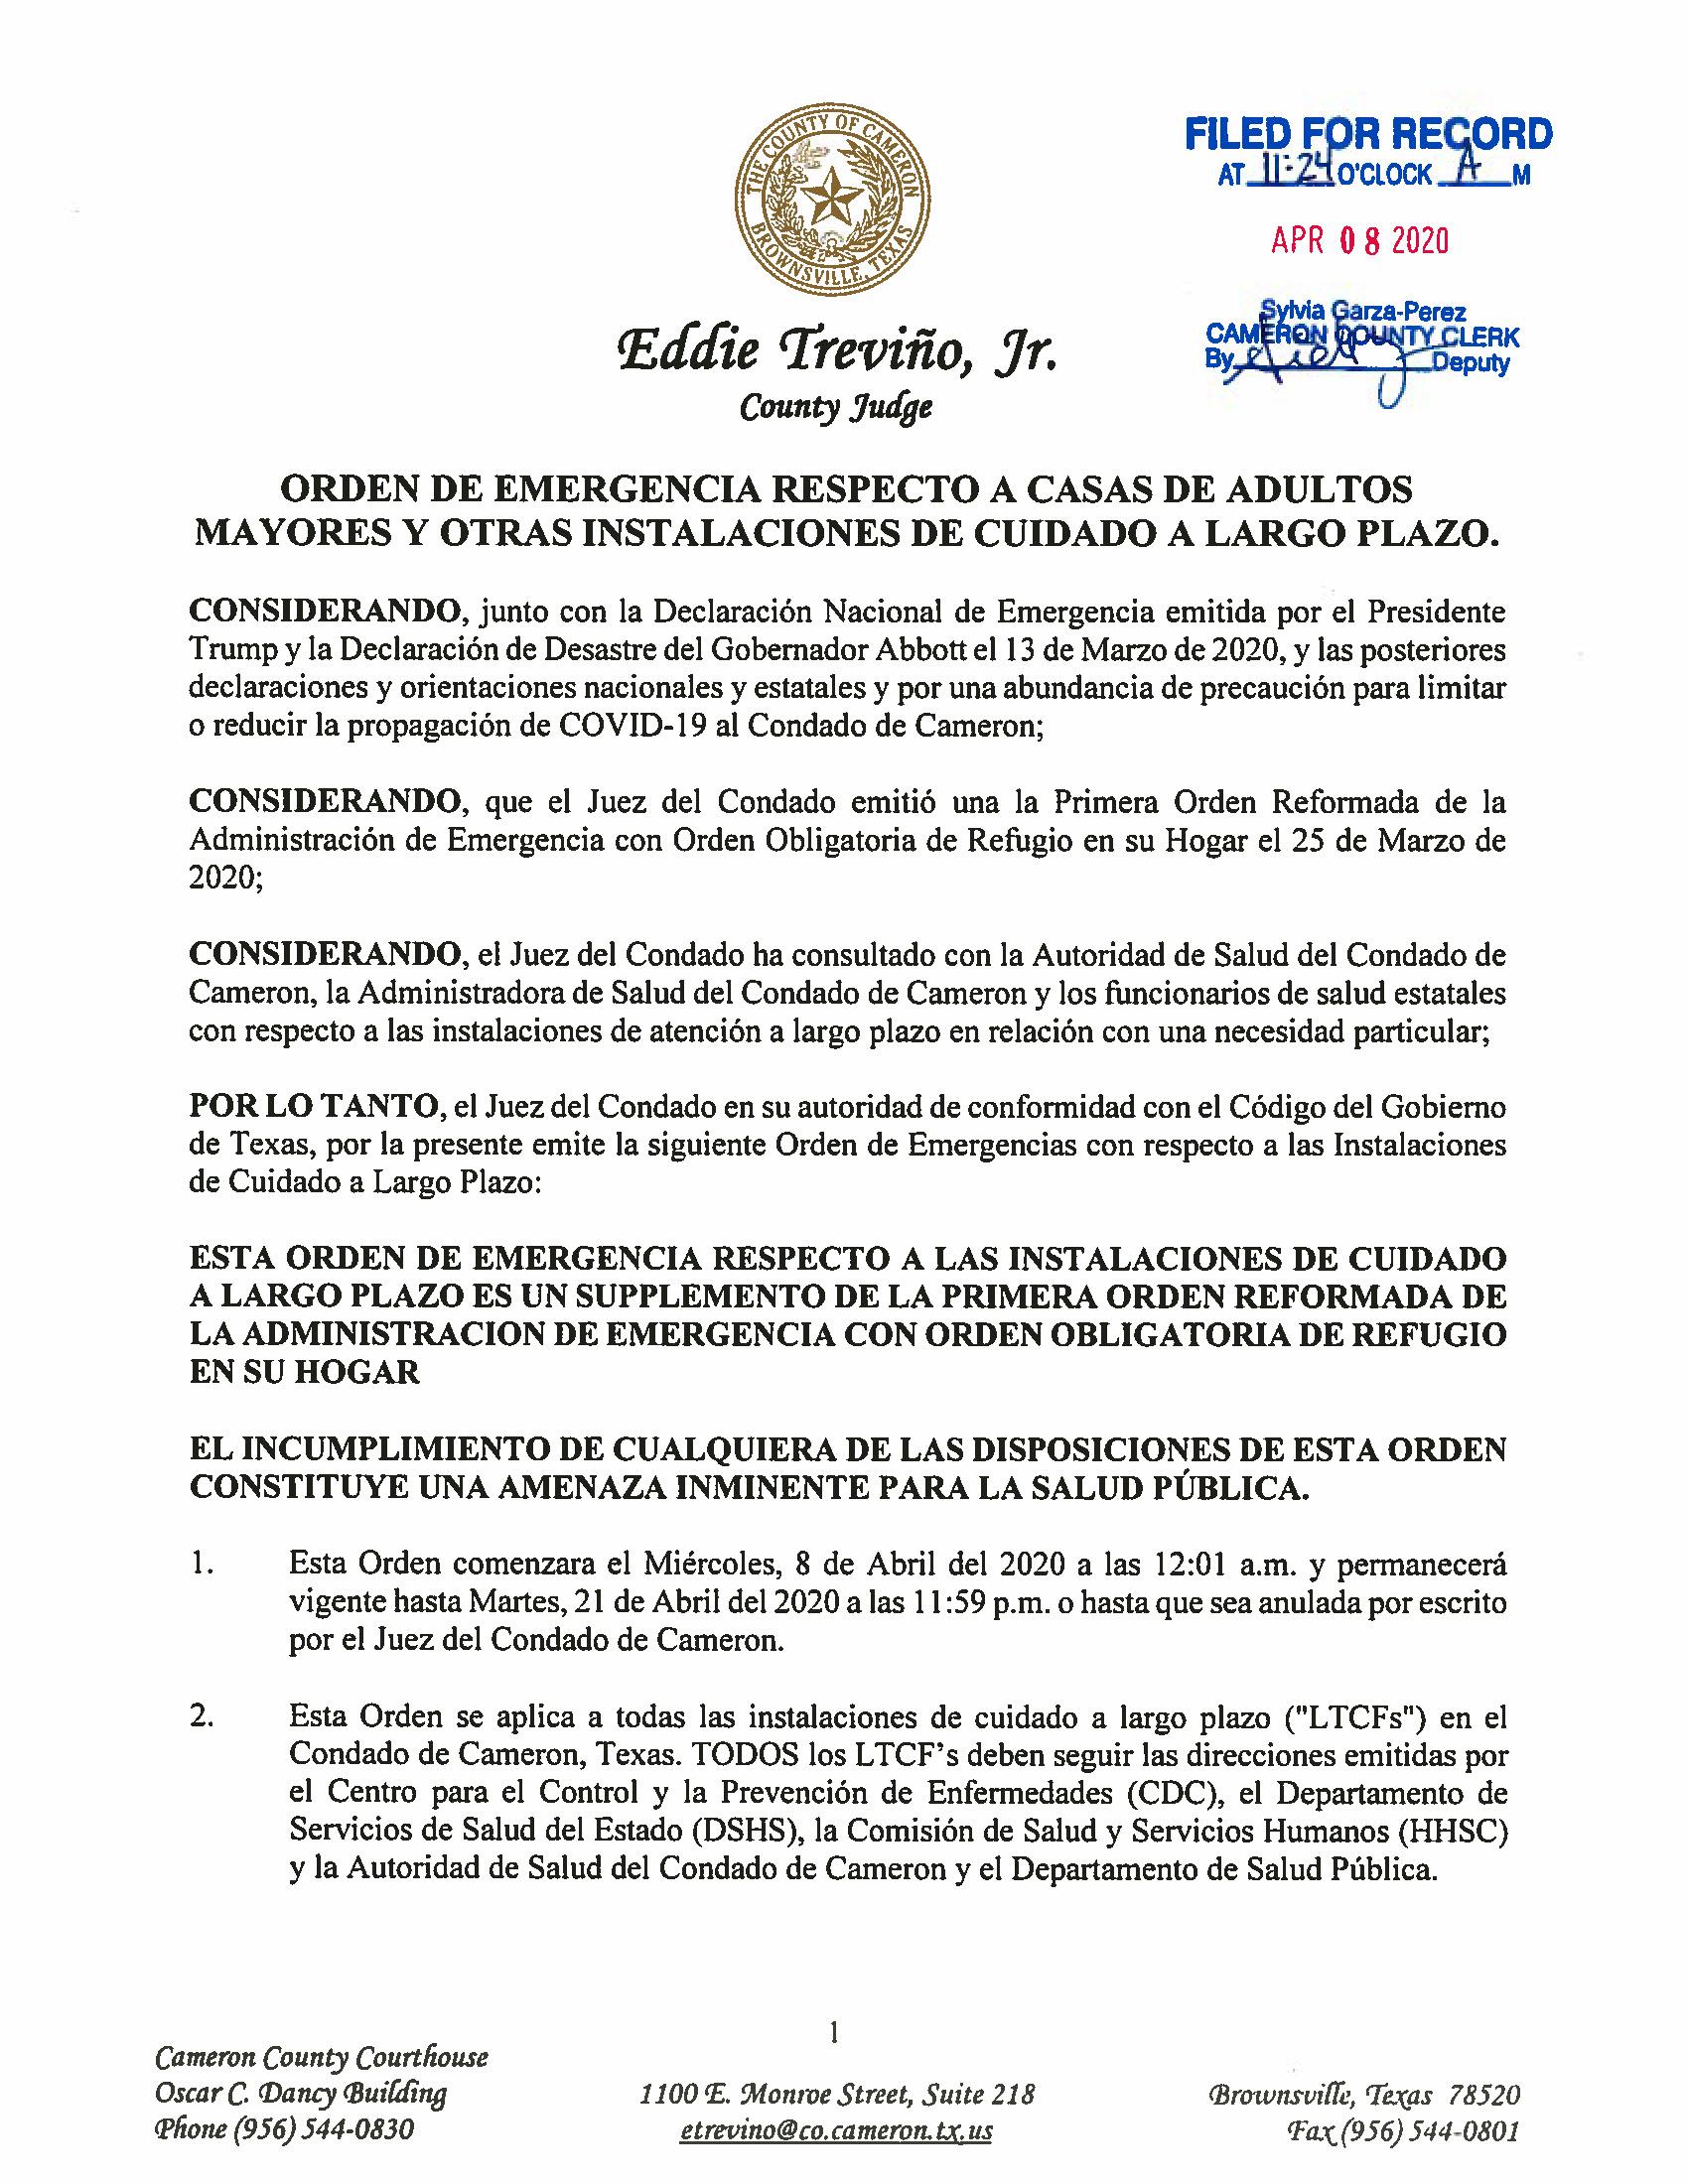 04.07.2020 Orden De Emergencia Respecto A Casas De Adultos Mayores Y Otras Instalaciones De Cuidado A Largo Plazo Page 1